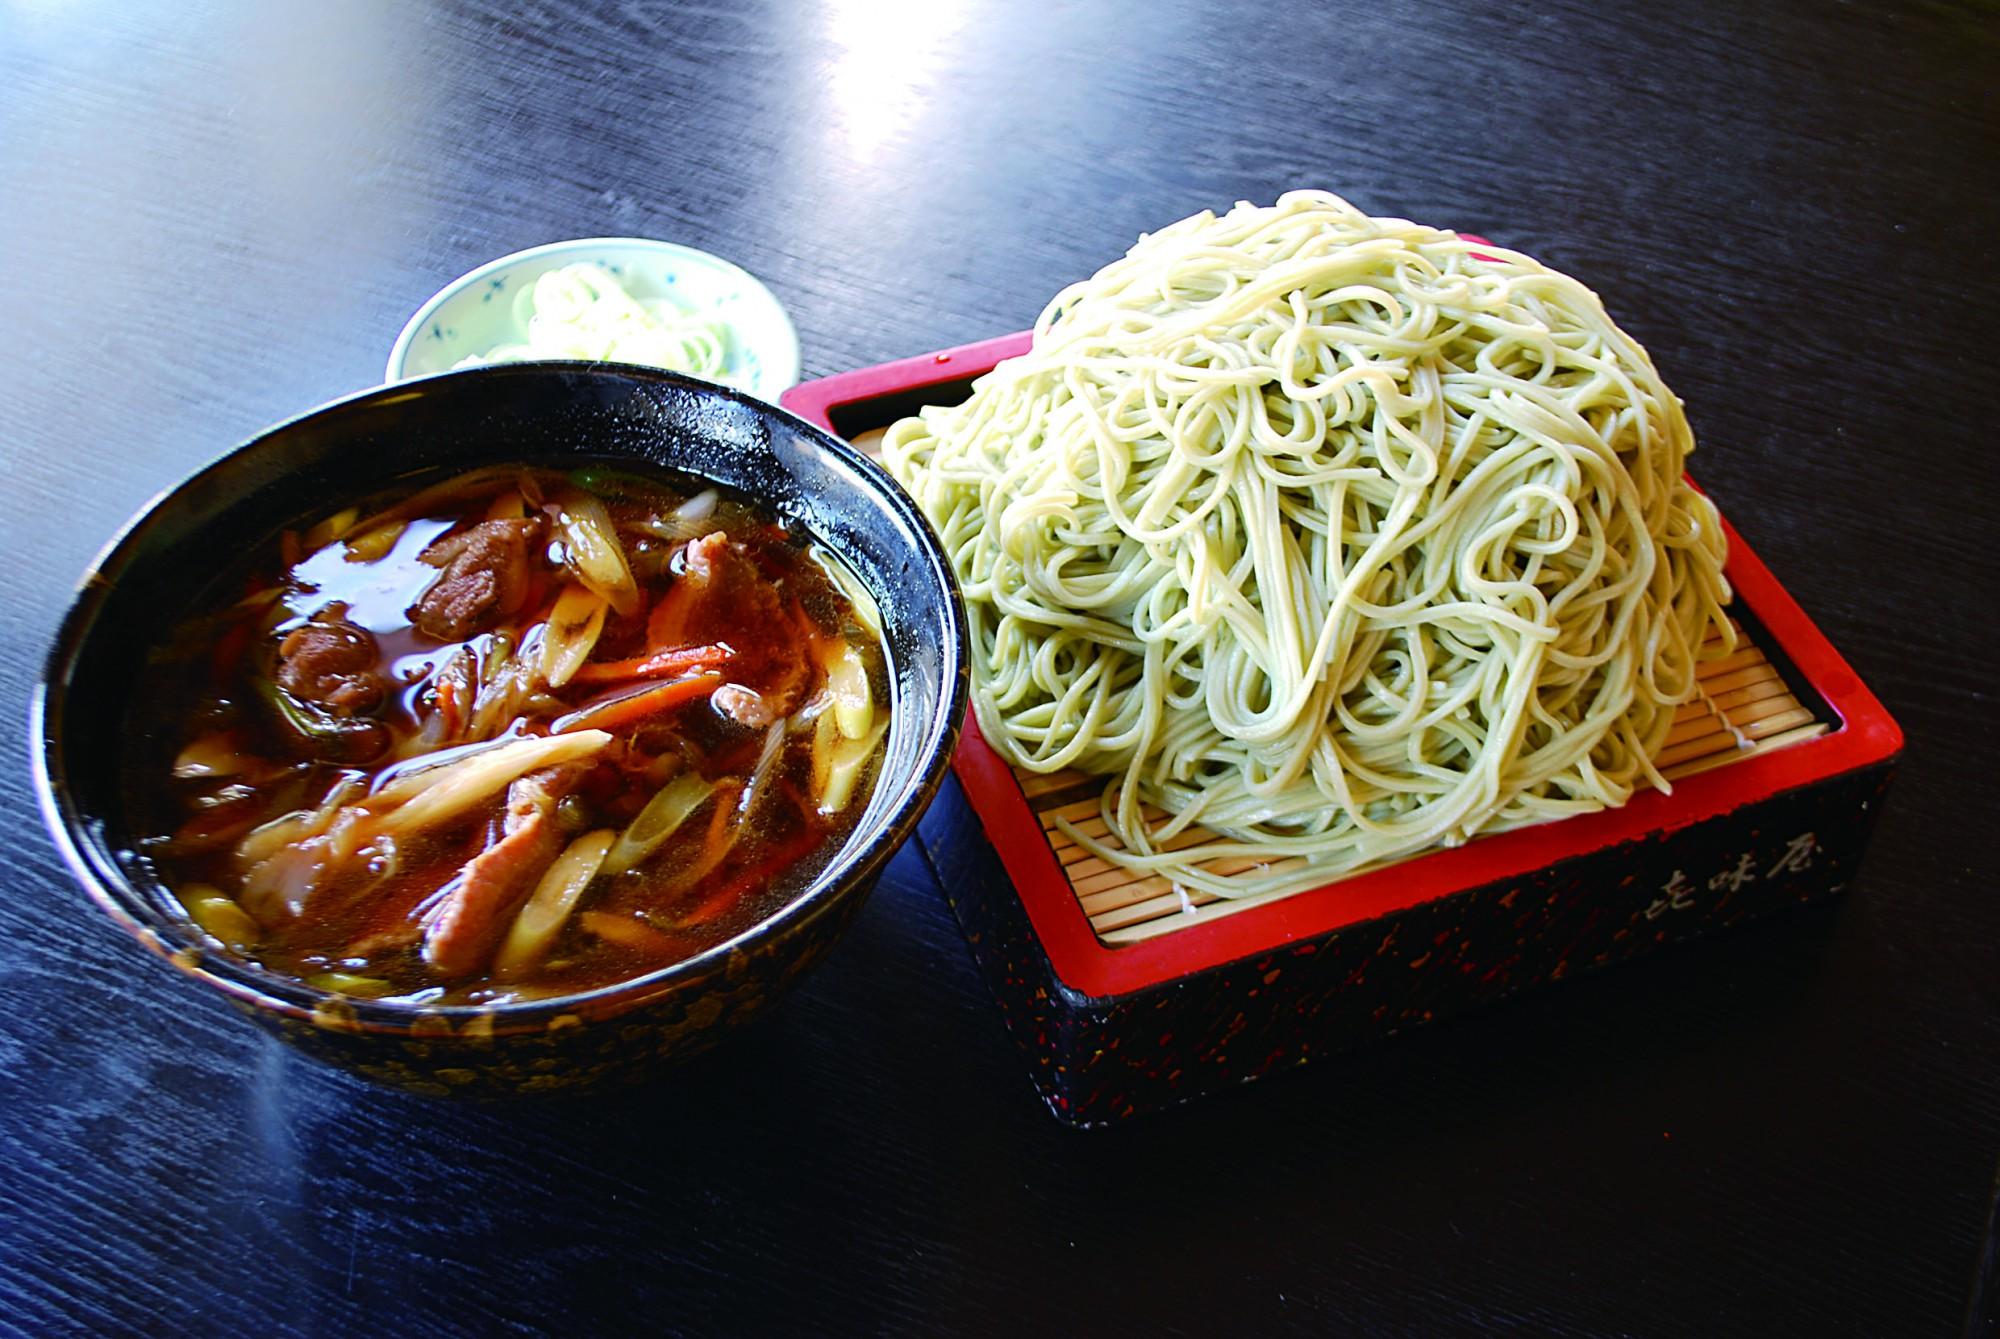 右は普通盛り、左は大盛りのかもせいろ。大盛りは鴨汁も丼がサイズアップ。